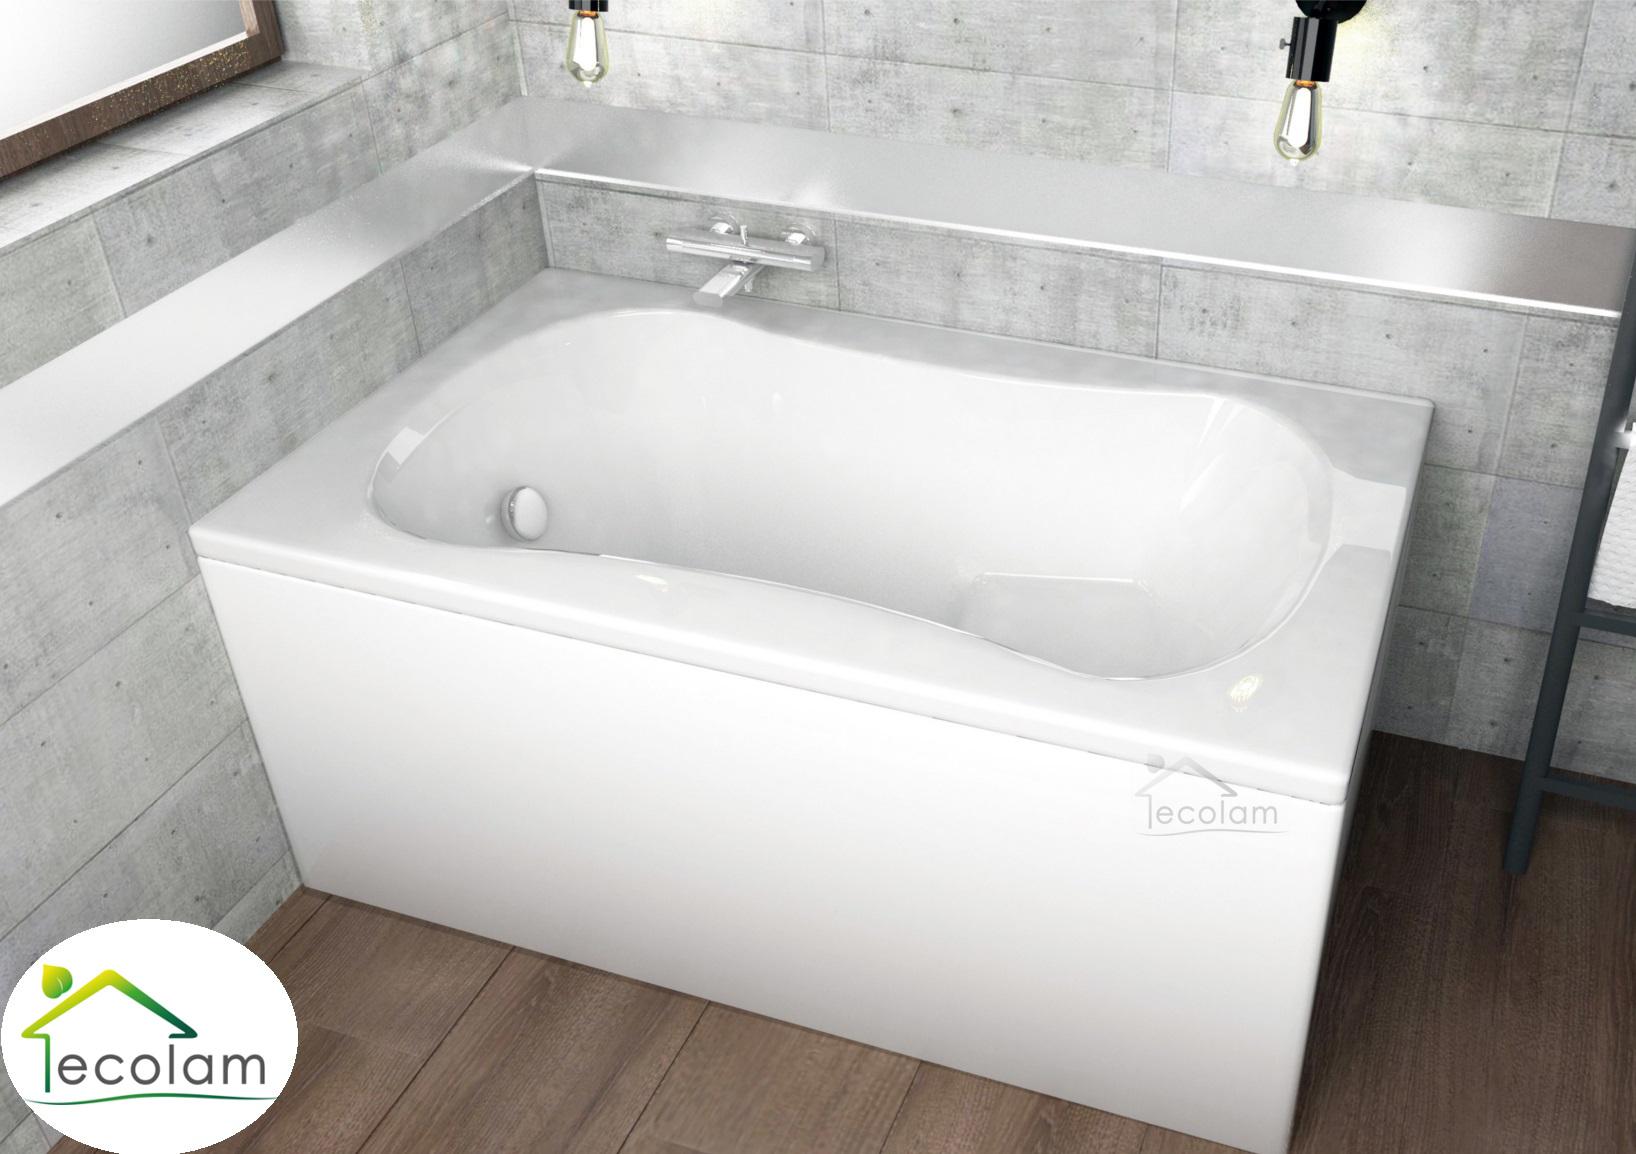 badewanne wanne rechteck sitzbadewanne mit sitz 120 x 70 optional sch rze acryl ebay. Black Bedroom Furniture Sets. Home Design Ideas